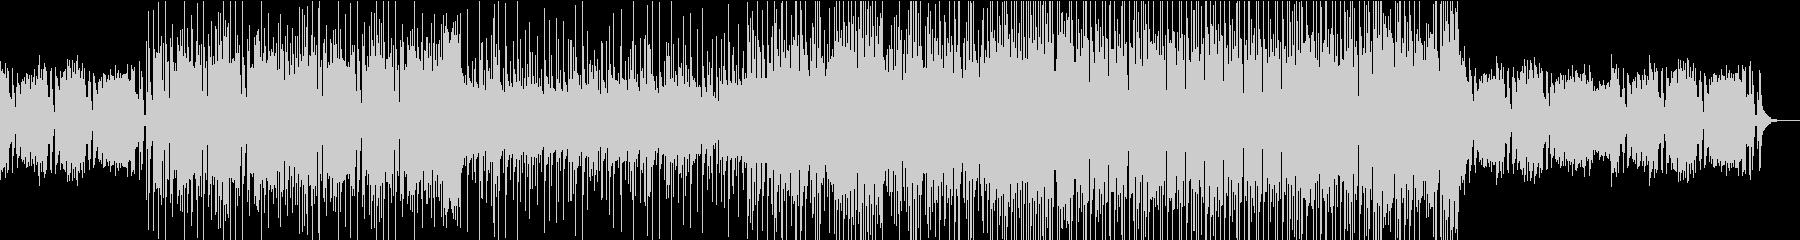 シンプルなピアノロックの未再生の波形